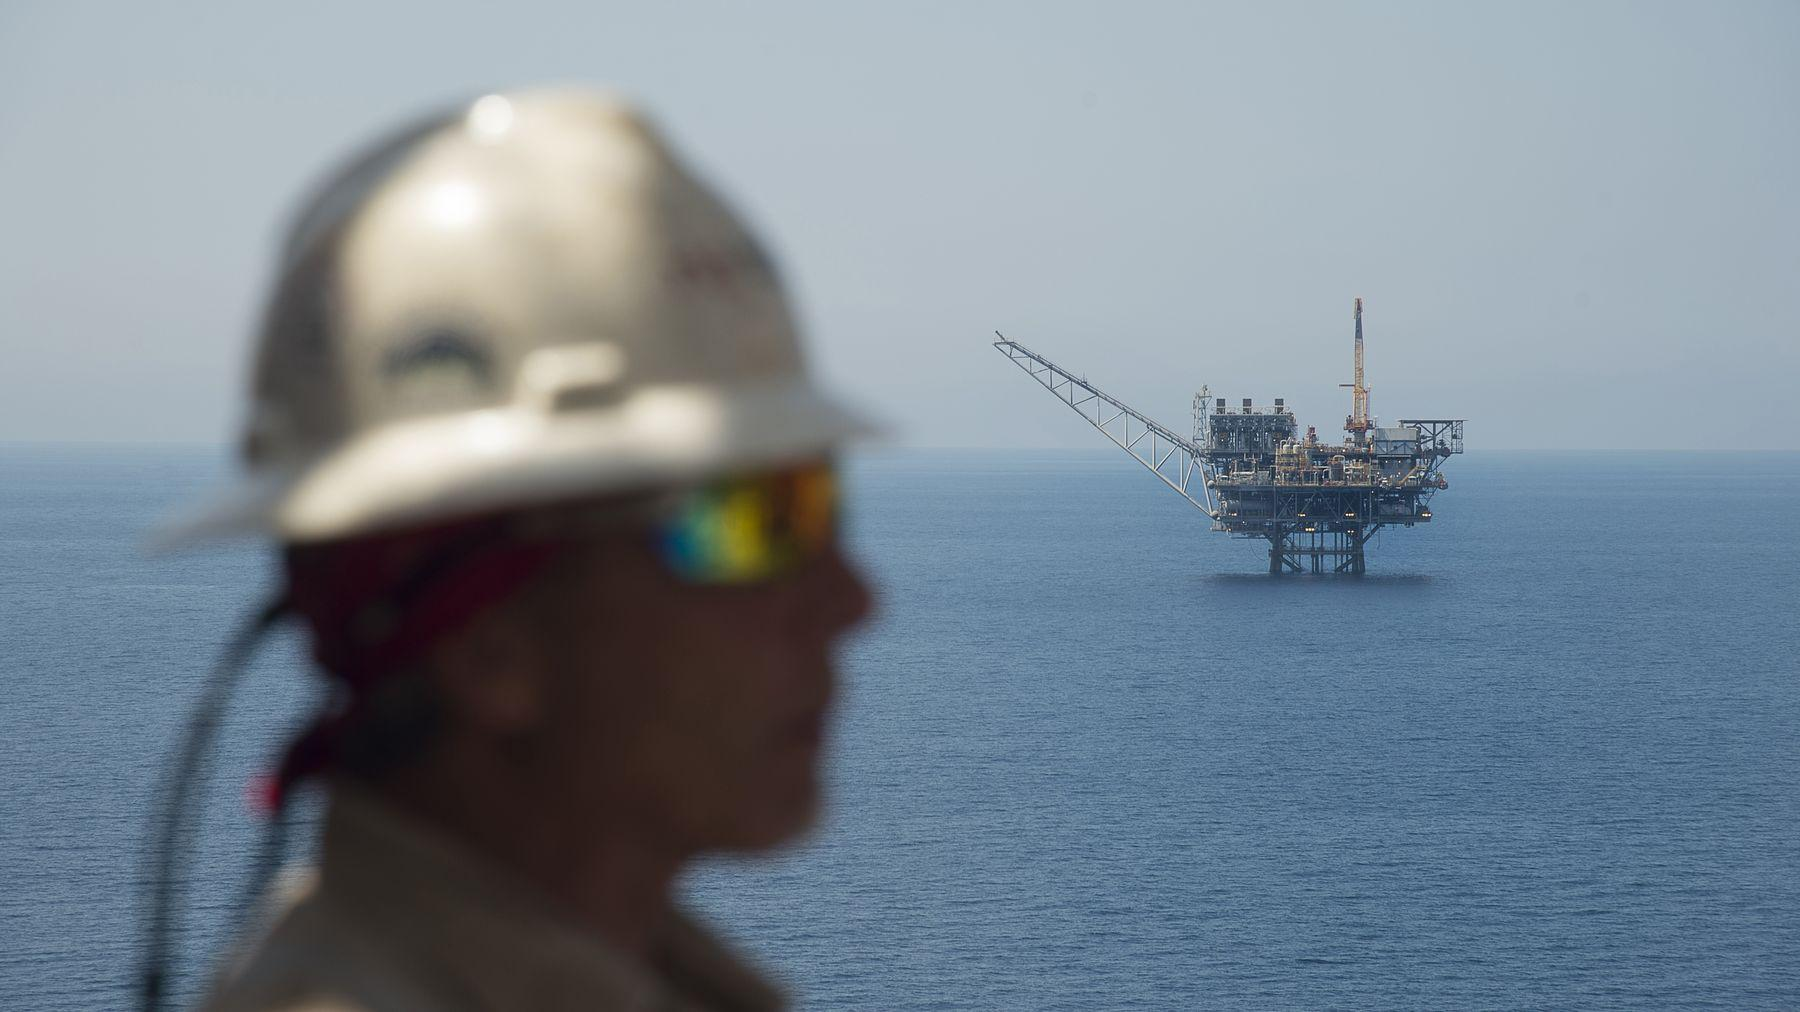 Le gaz mauritano-sénégalais exporté hors de l'Afrique